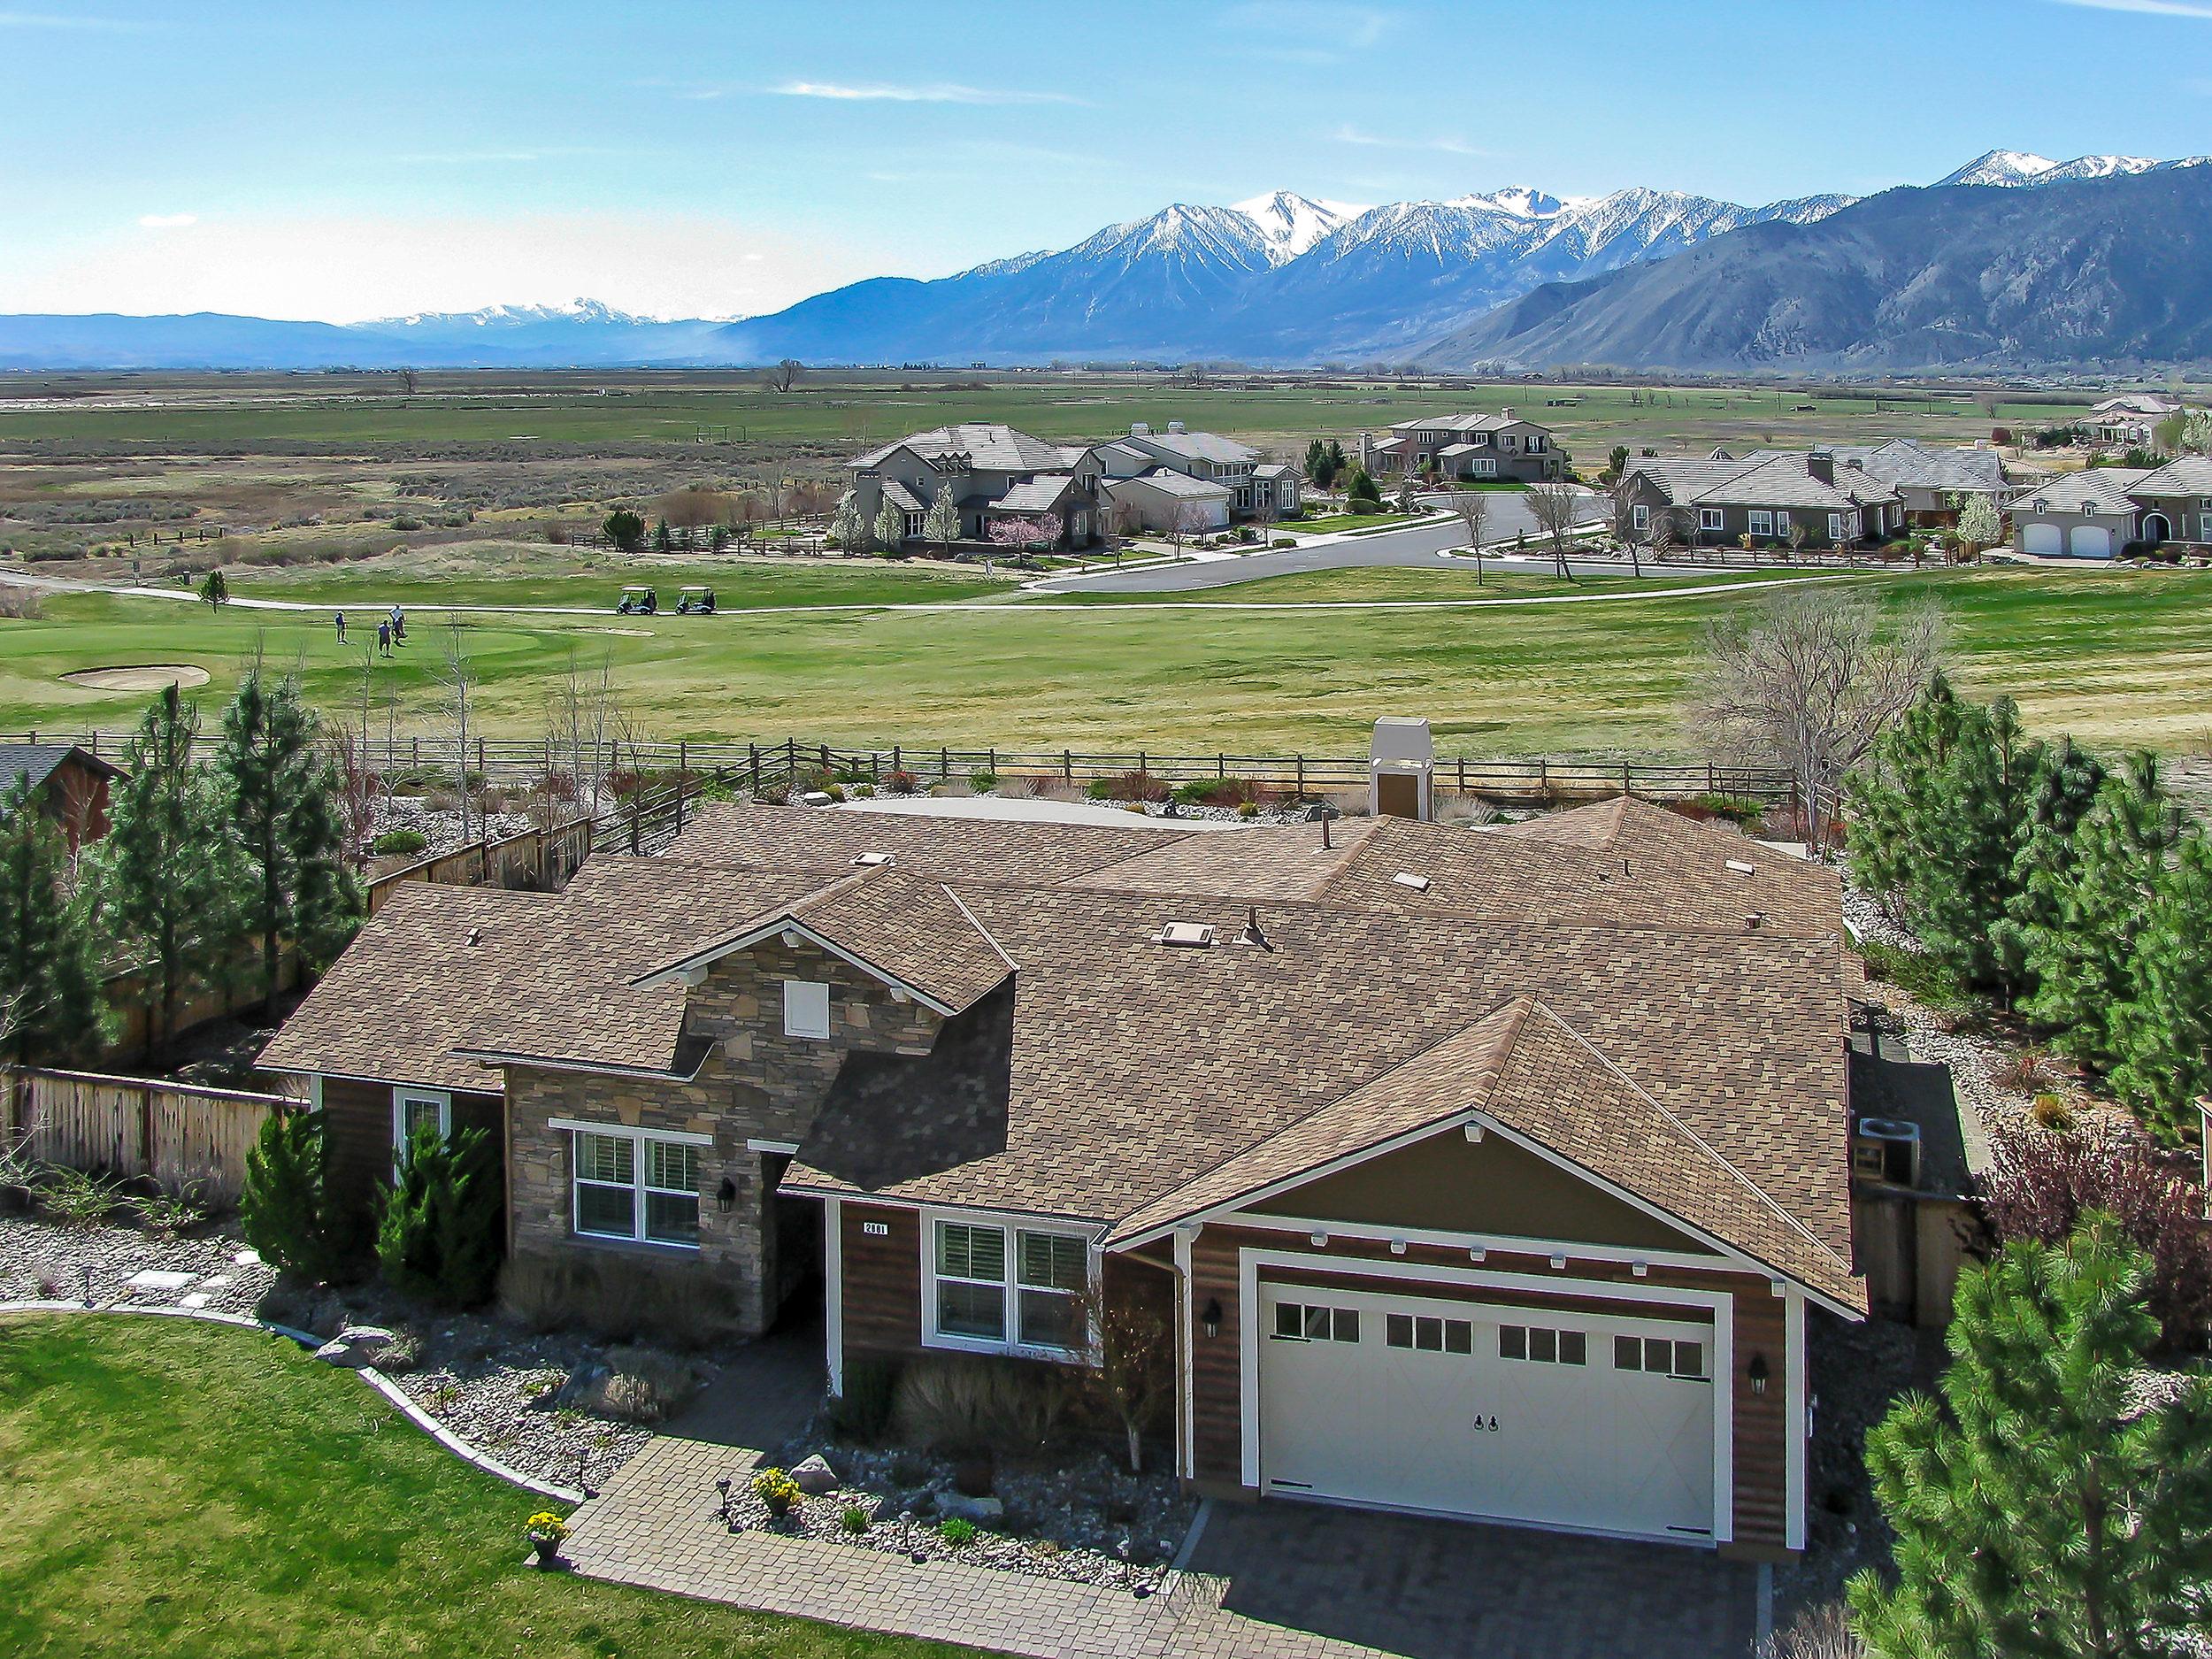 2881 Cloudburst Canyon Genoa Nv Carson Valley Nevada Real Estate Gillmor Coons Real Estate